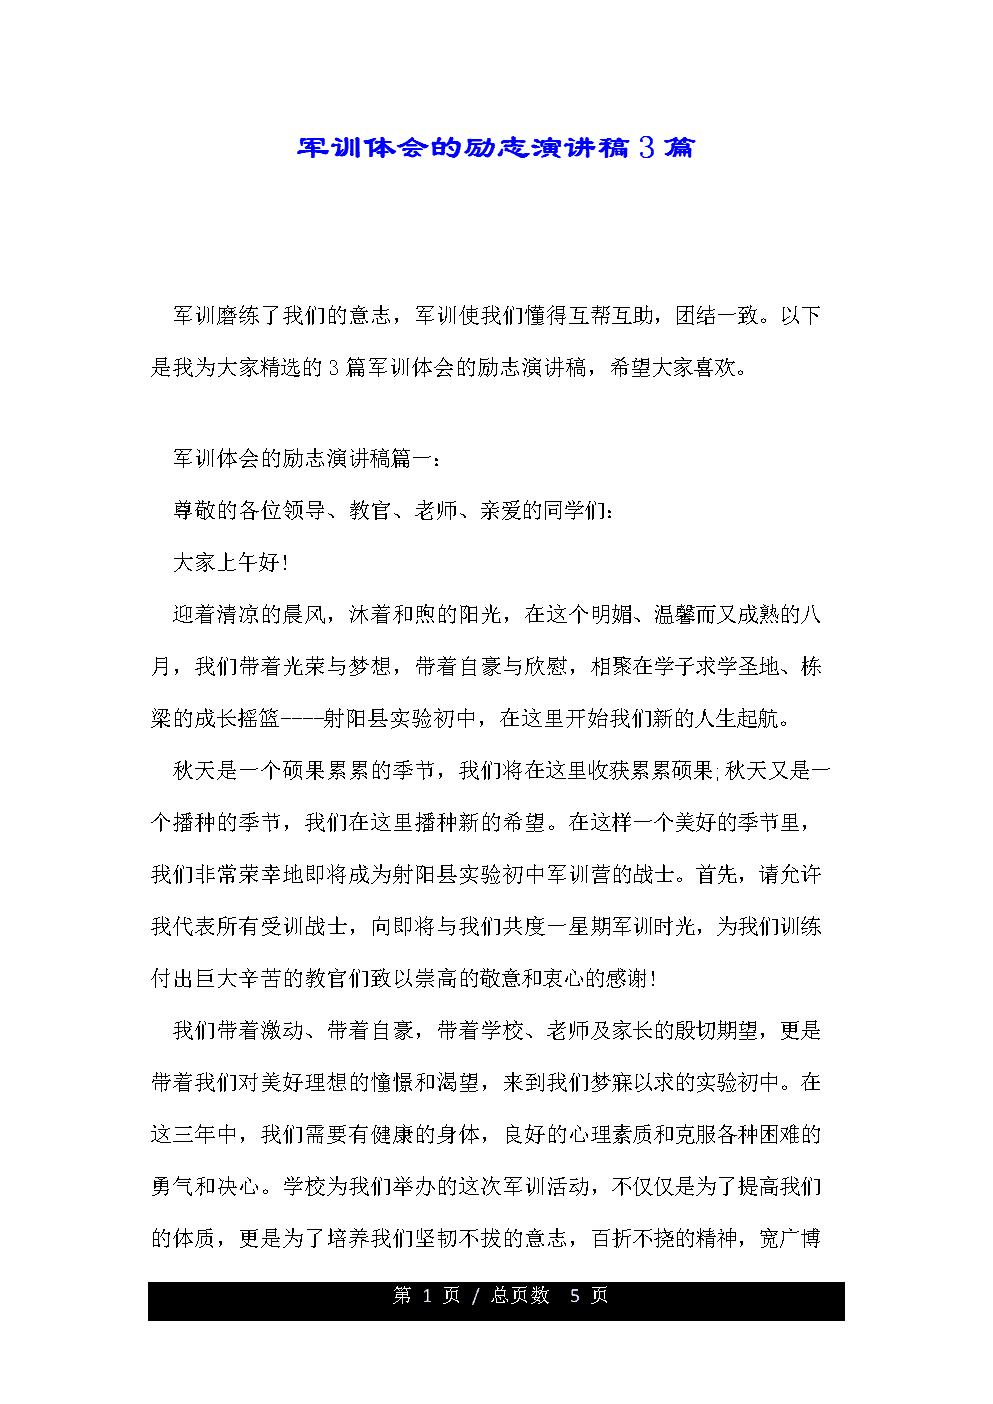 军训体会的励志演讲稿3篇.doc